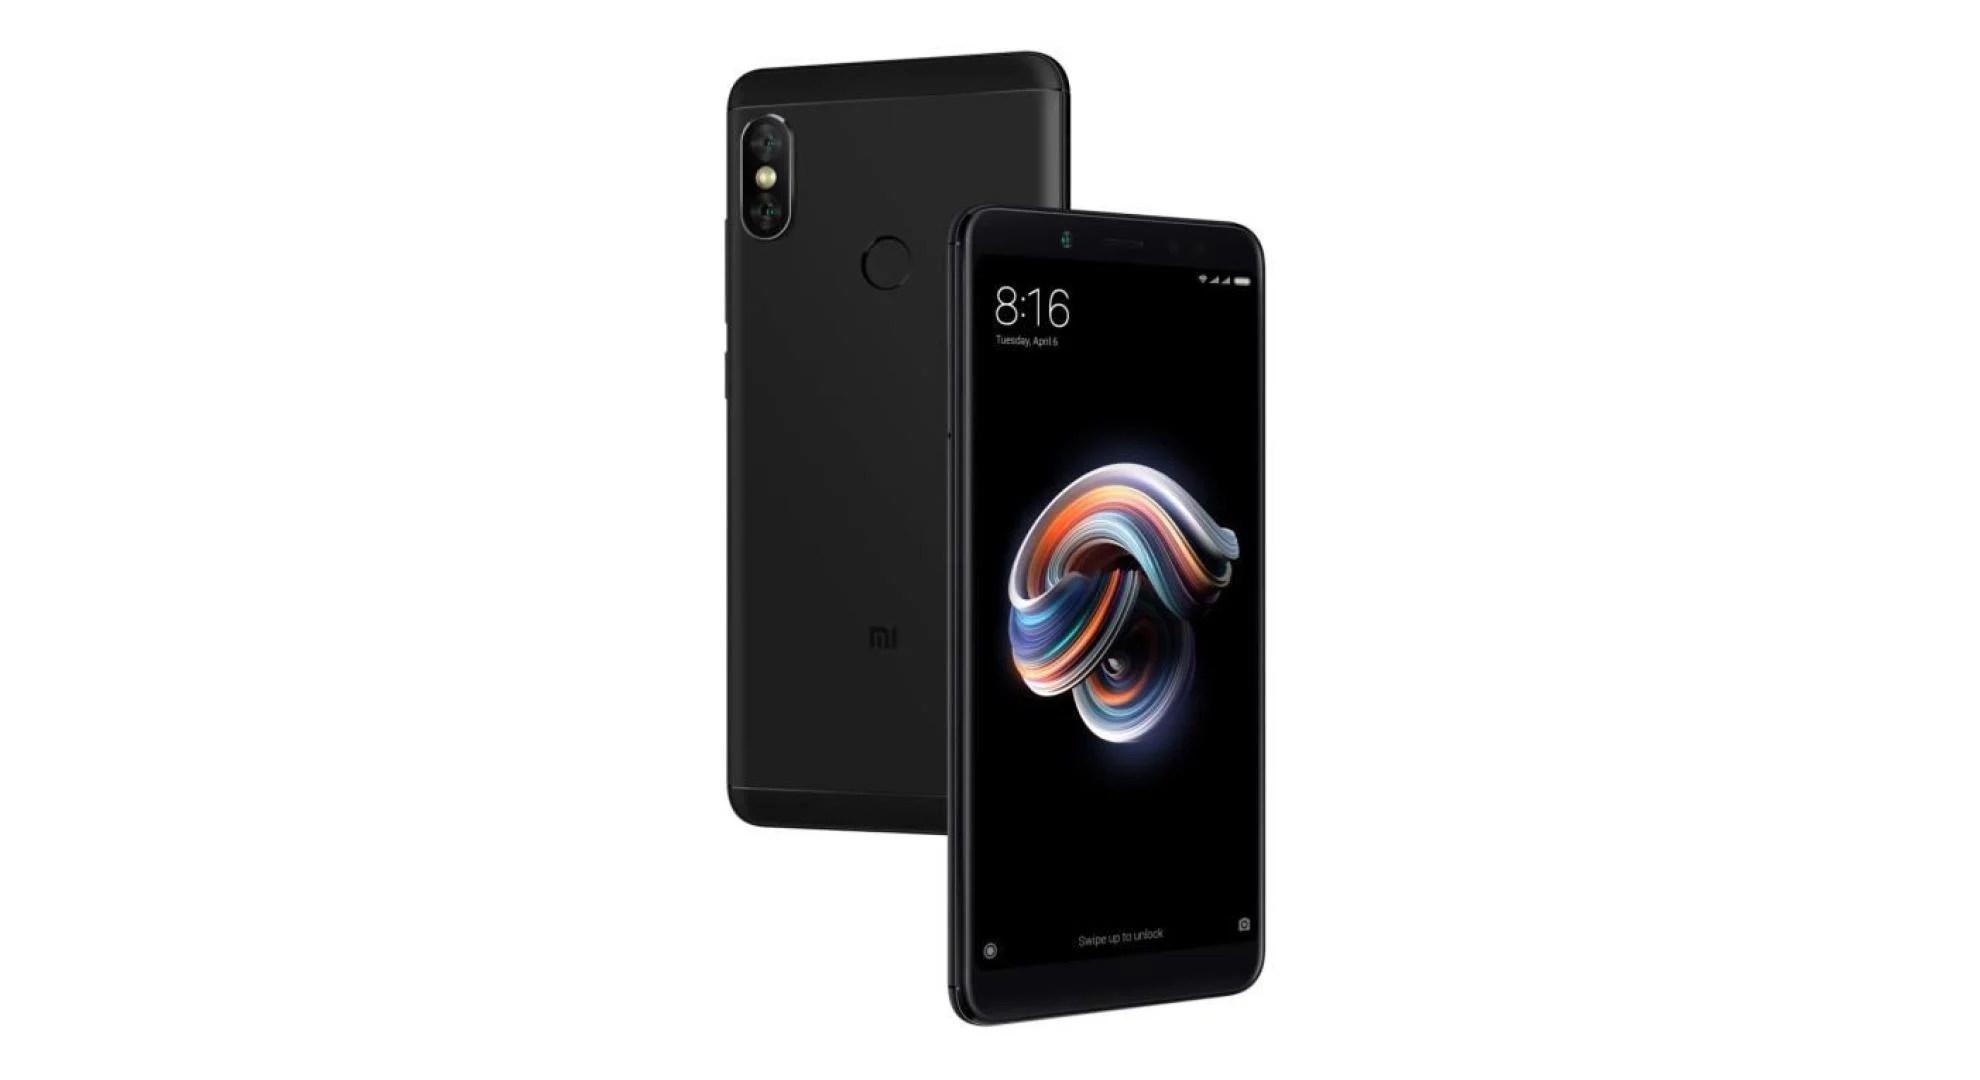 Le Xiaomi Redmi Note 5 à 119 euros sur Cdiscount